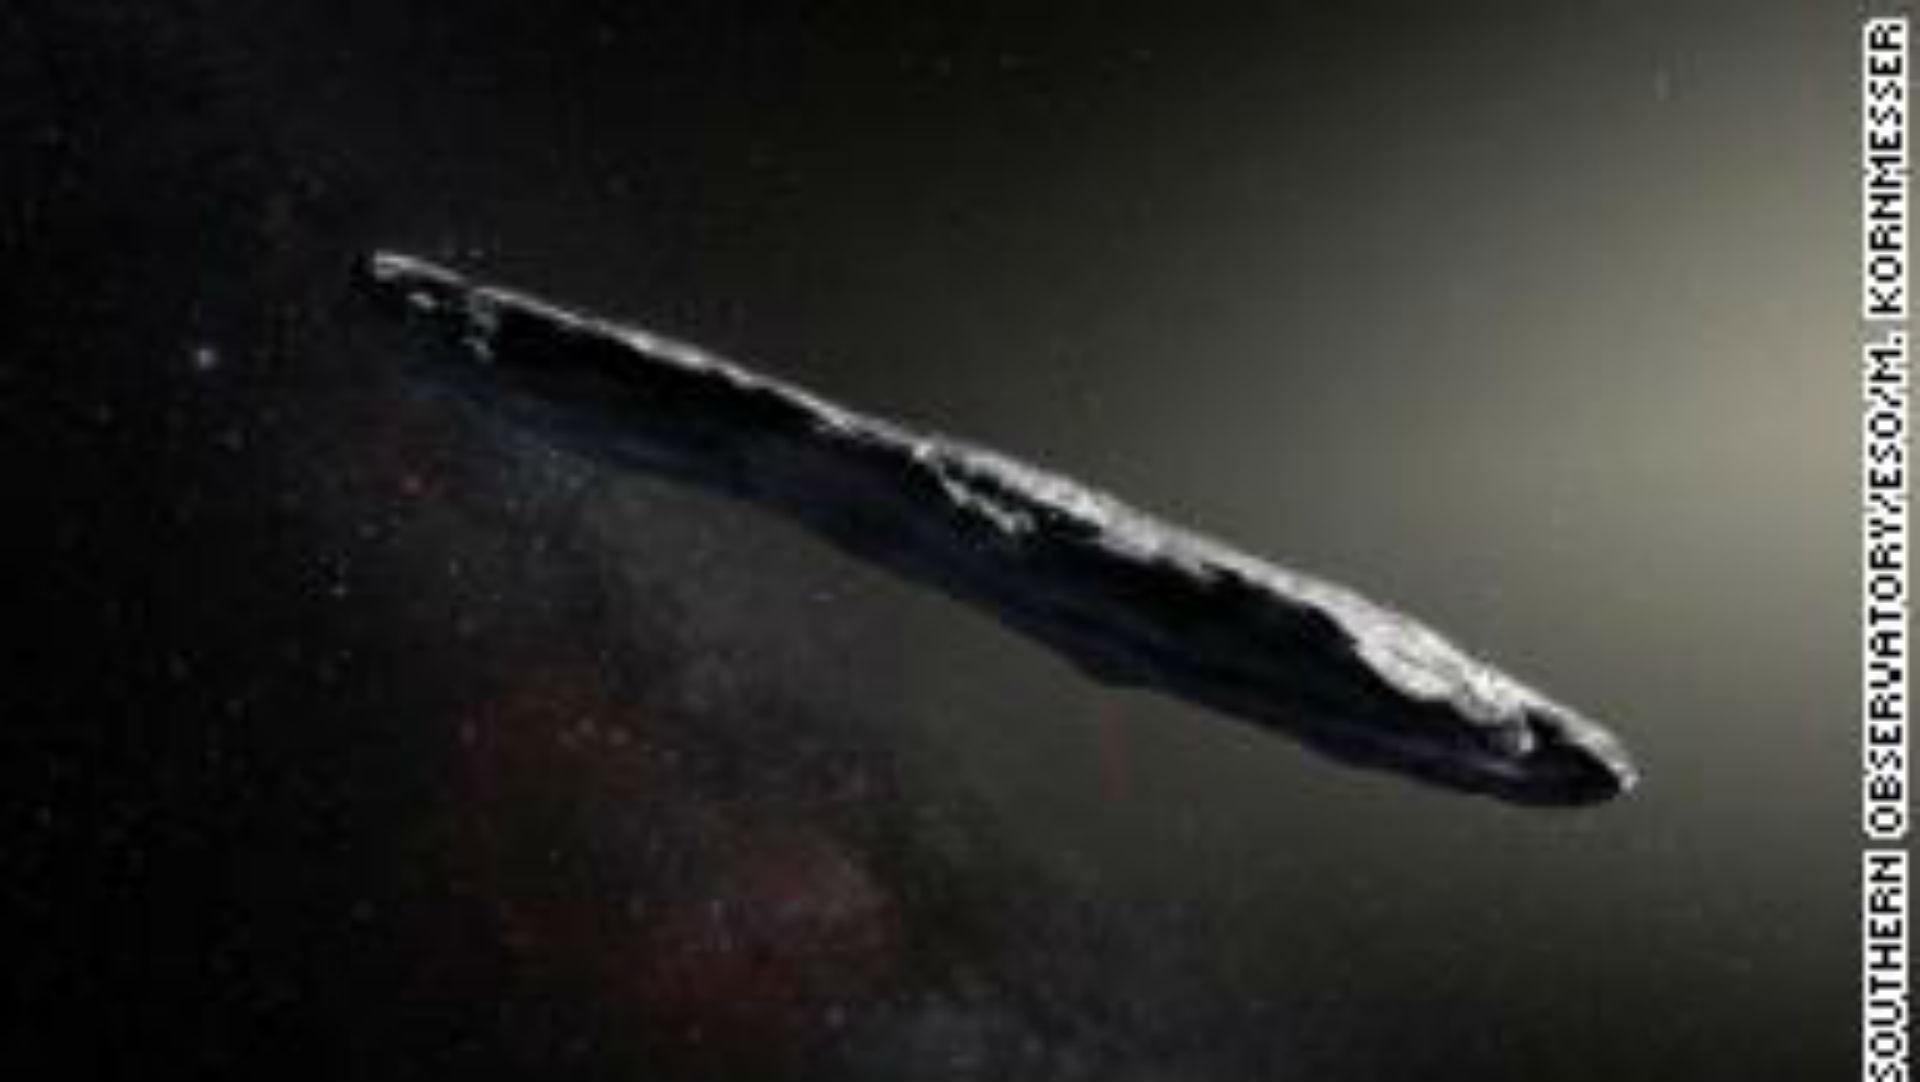 alien probe_1541528230903.jpg.jpg